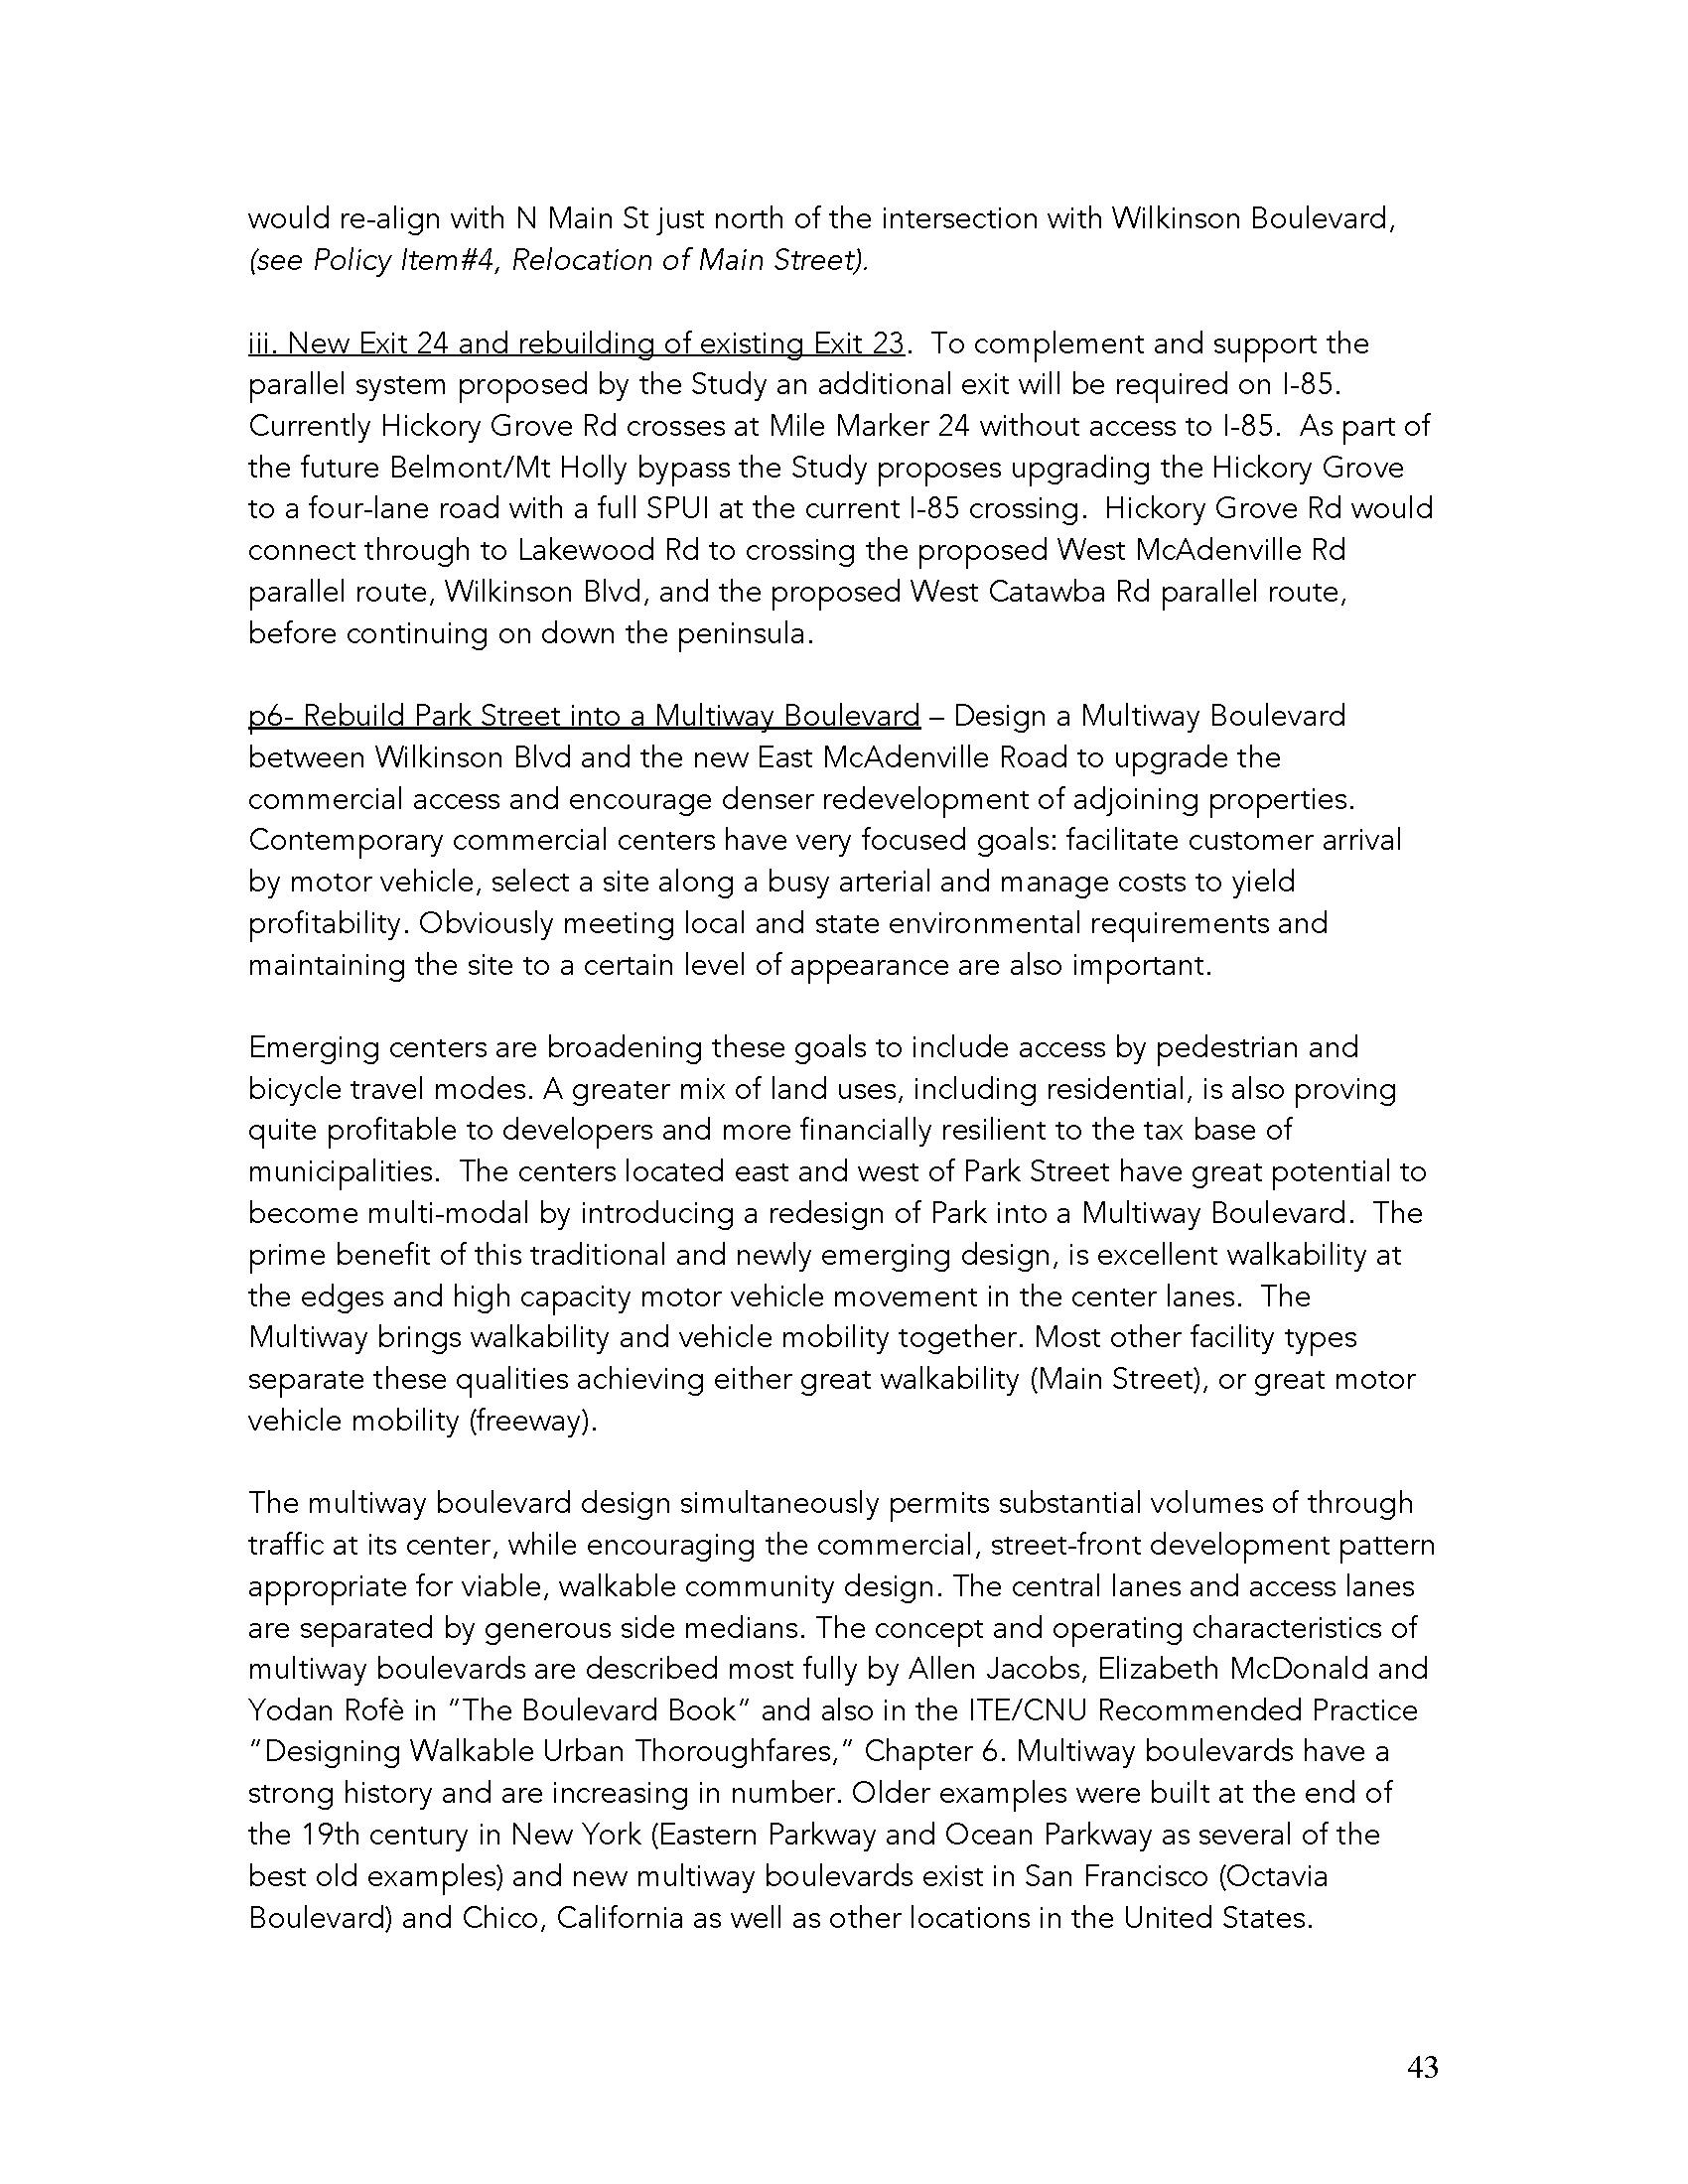 1 WilkinsonBlvd Draft Report 1-22-15 RH_Peter Edit_Page_43.jpg